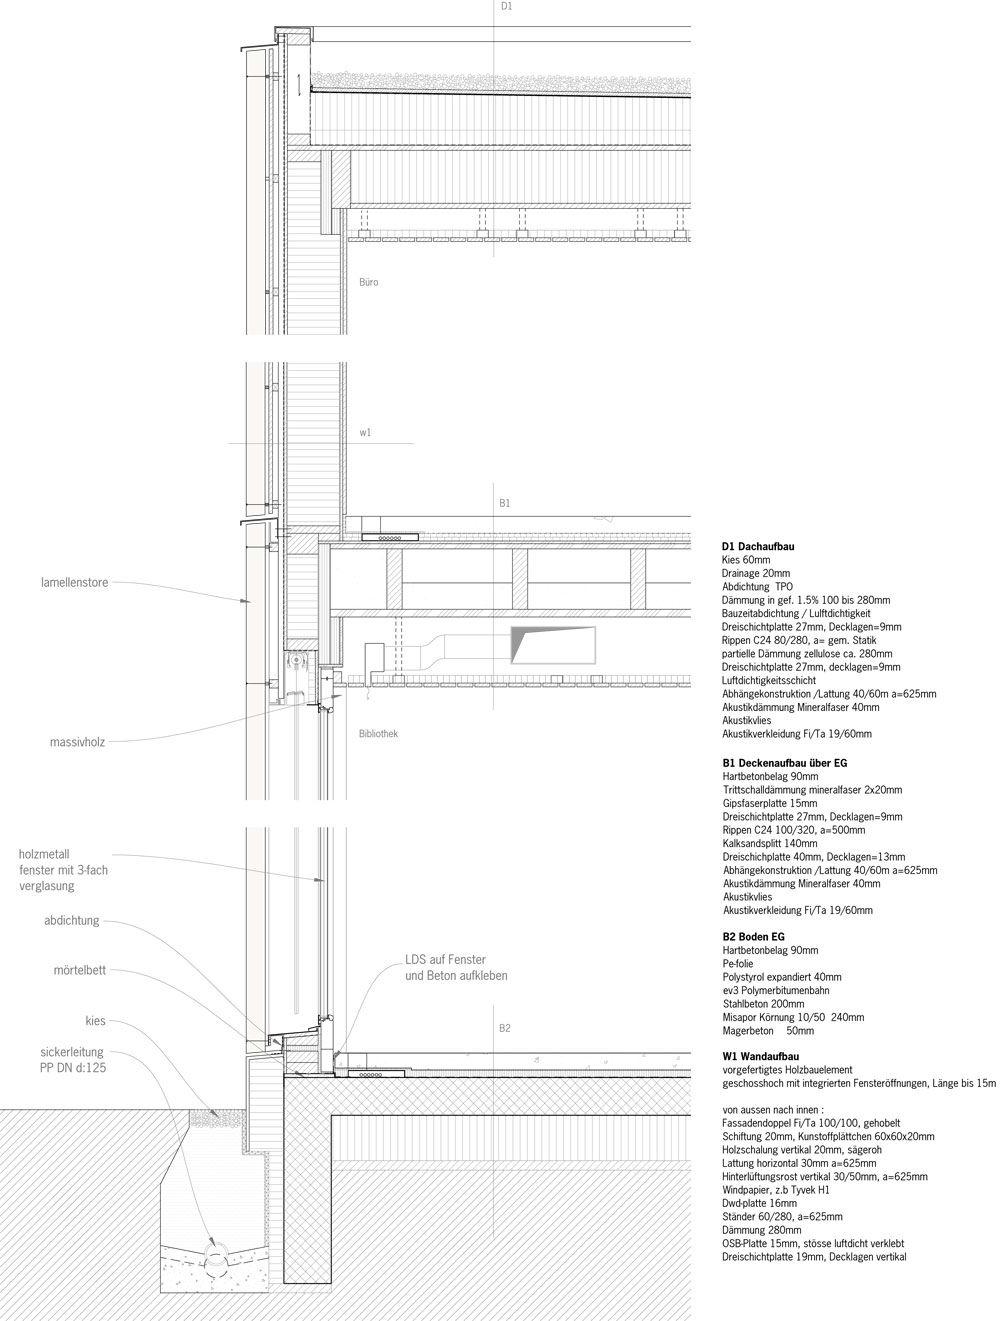 Bibliothek, Ludothek, Verwaltung, Spiez, bauzeit Architekten, Yves ...